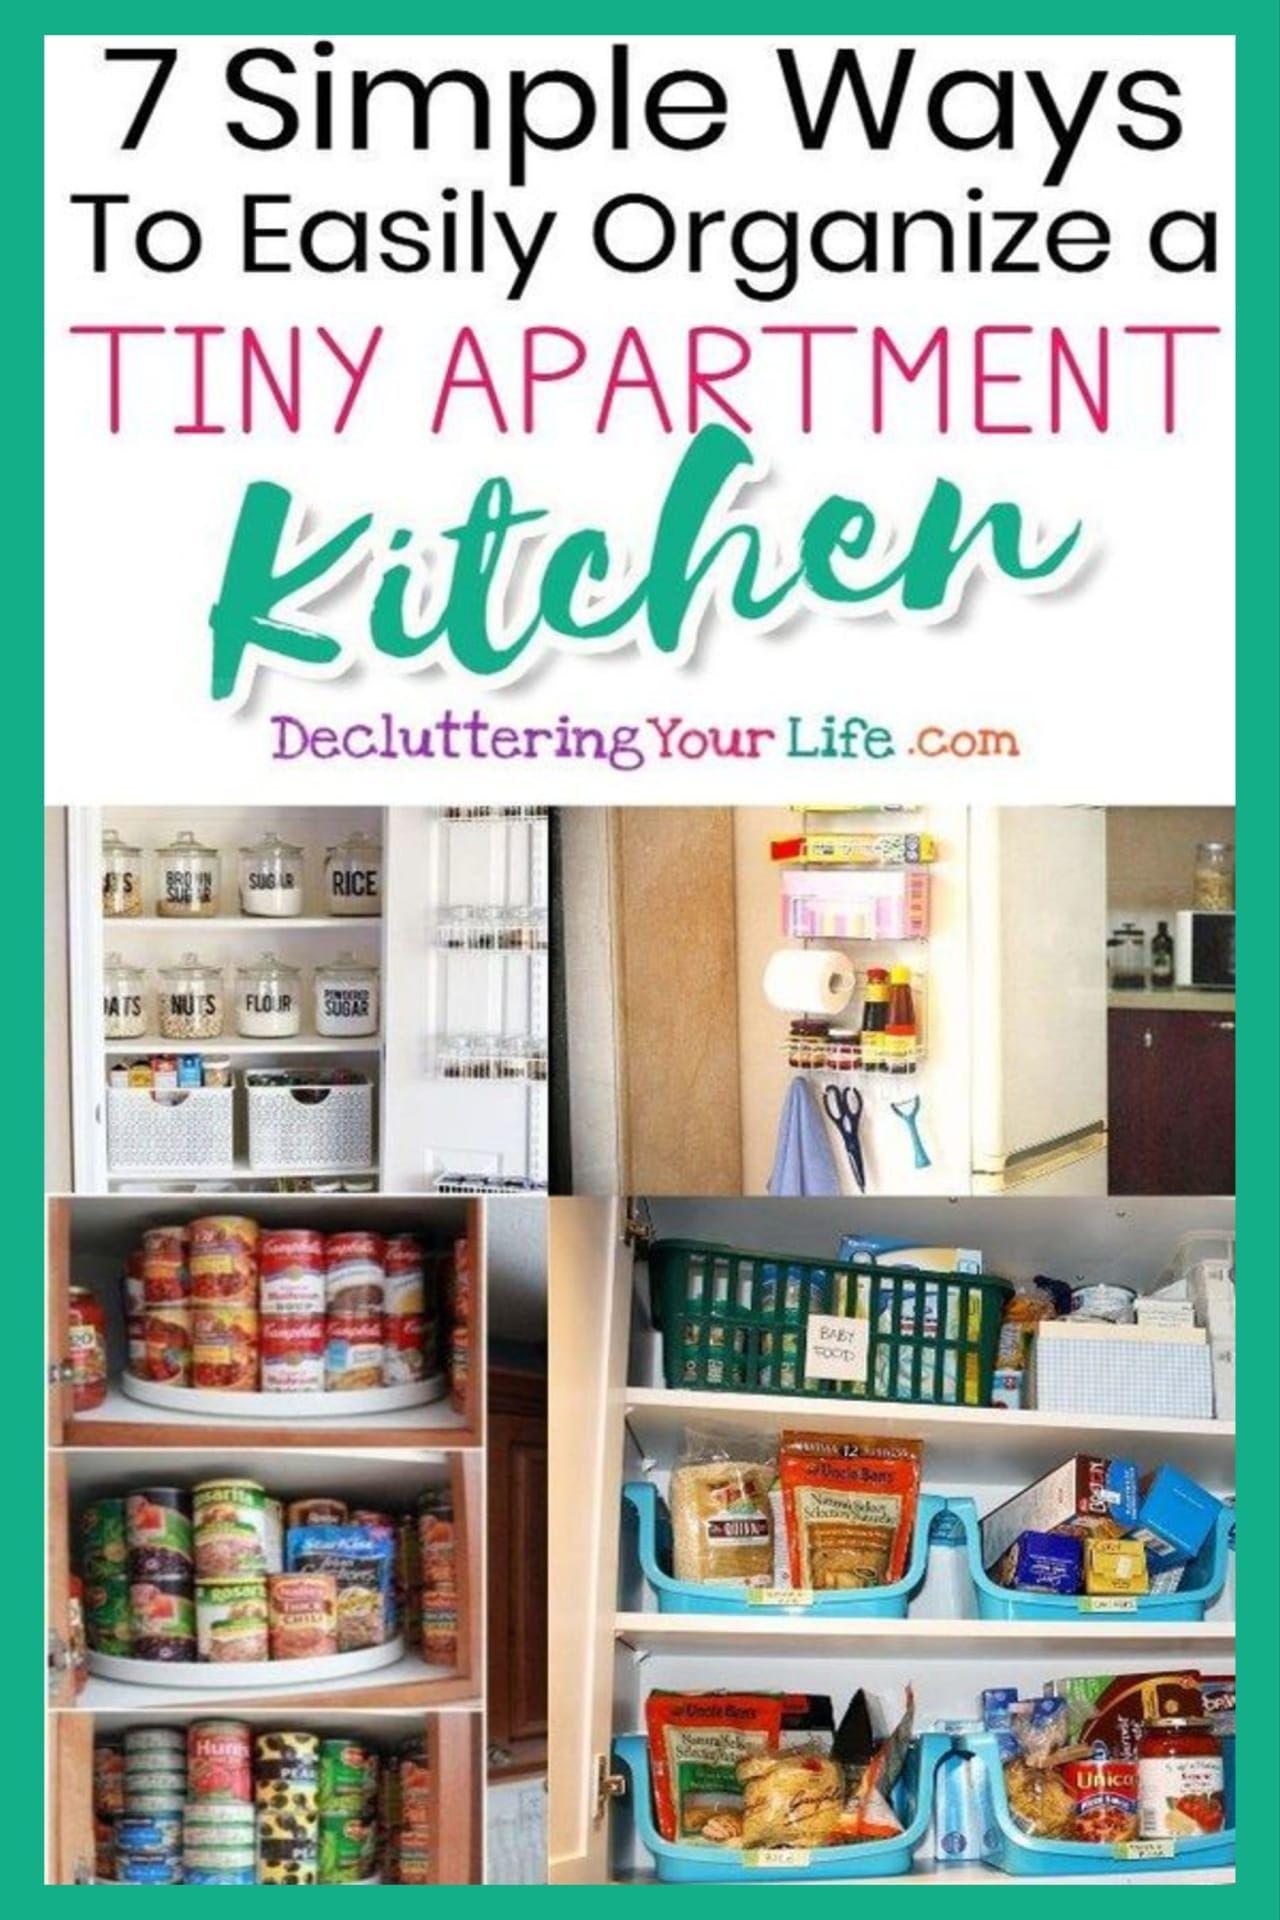 small apartment kitchen storage ideas that won t risk your deposit small apartment kitchen on kitchen organization small apartment id=68911